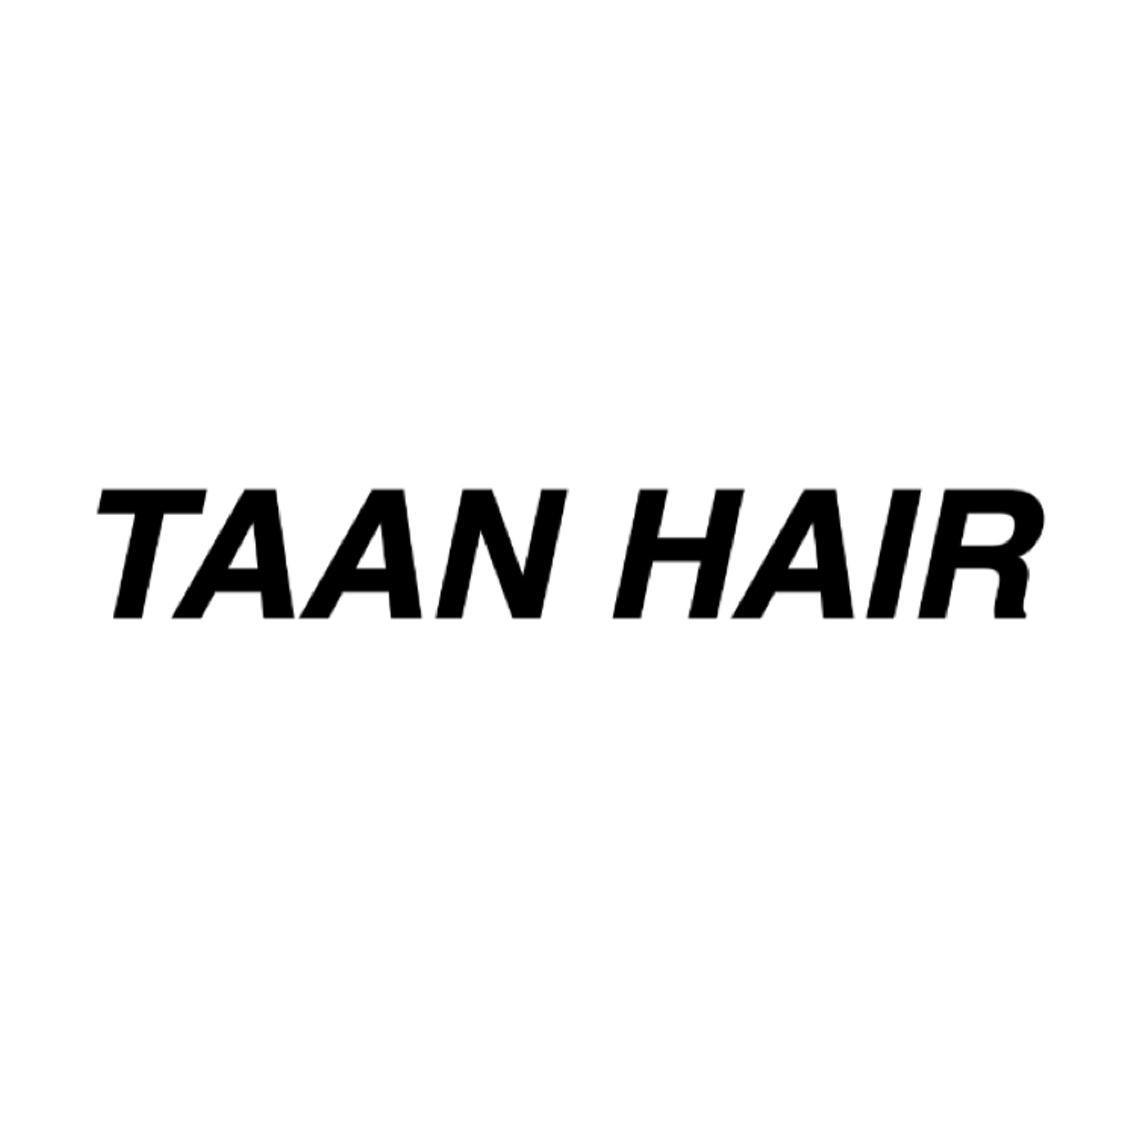 TAAN  HAIR所属・TAAN HAIRの掲載